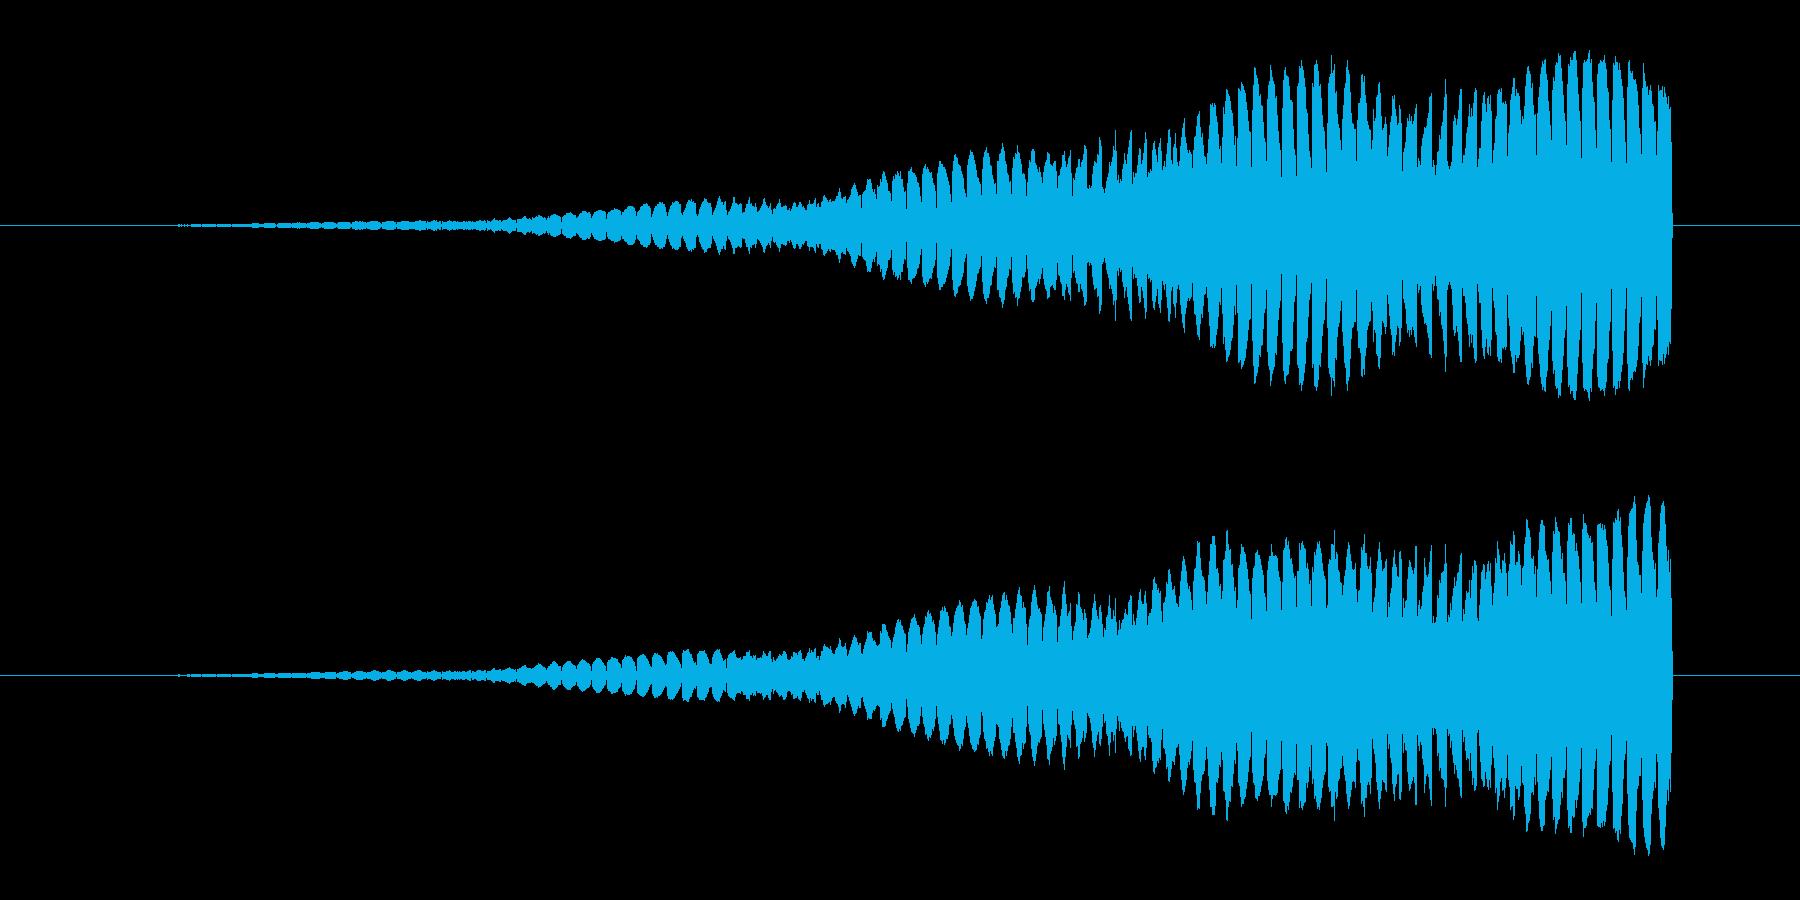 不安を煽る上昇音2の再生済みの波形